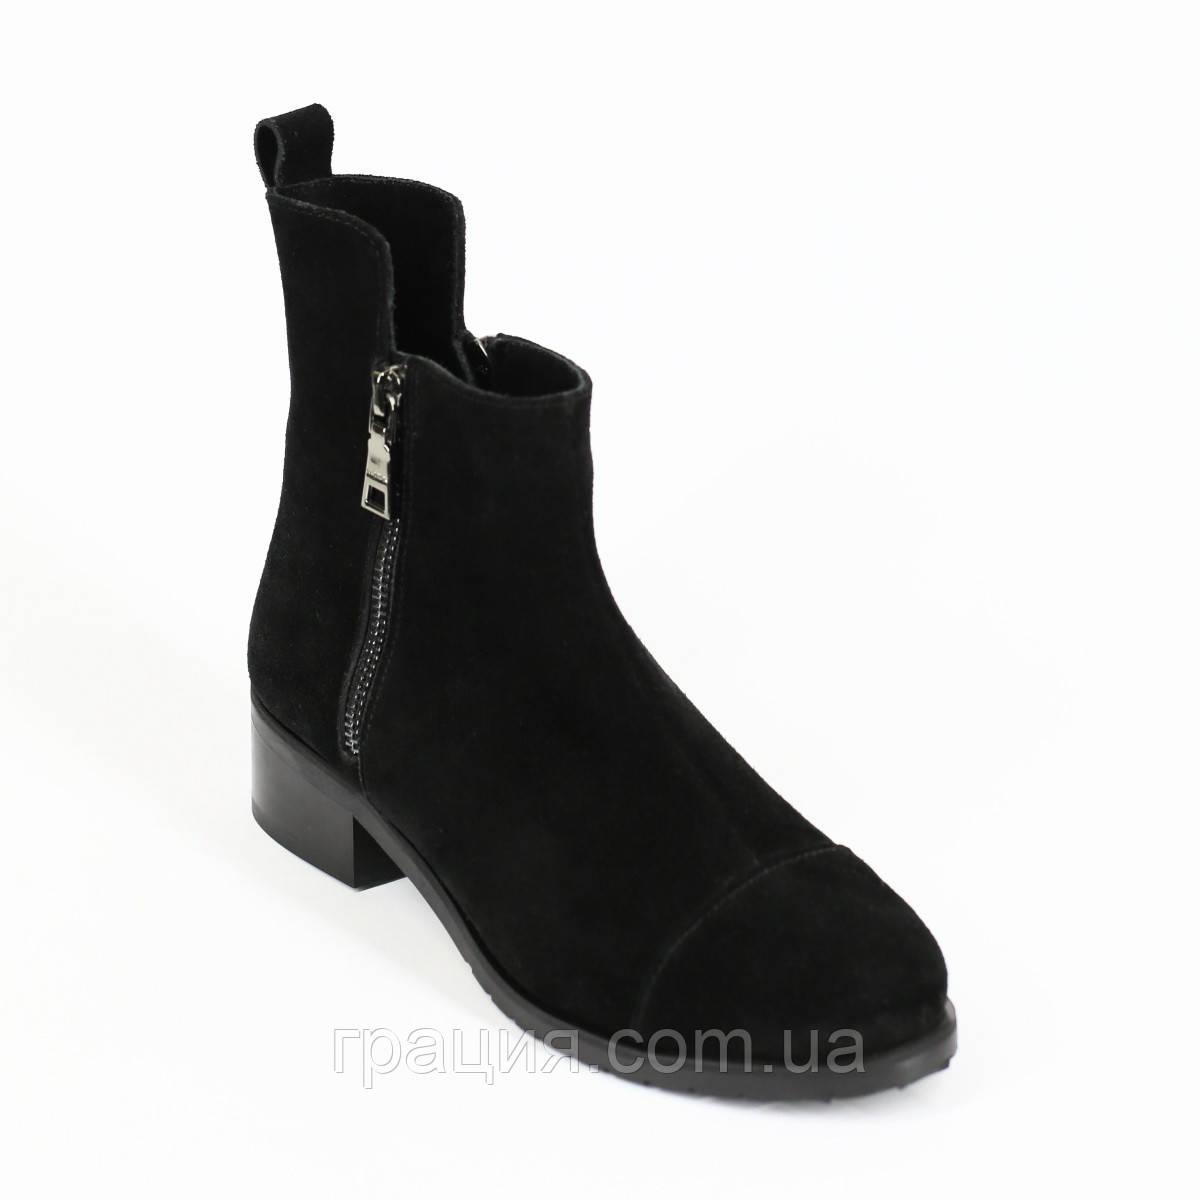 Стильные женские замшевые демисезонные ботинки